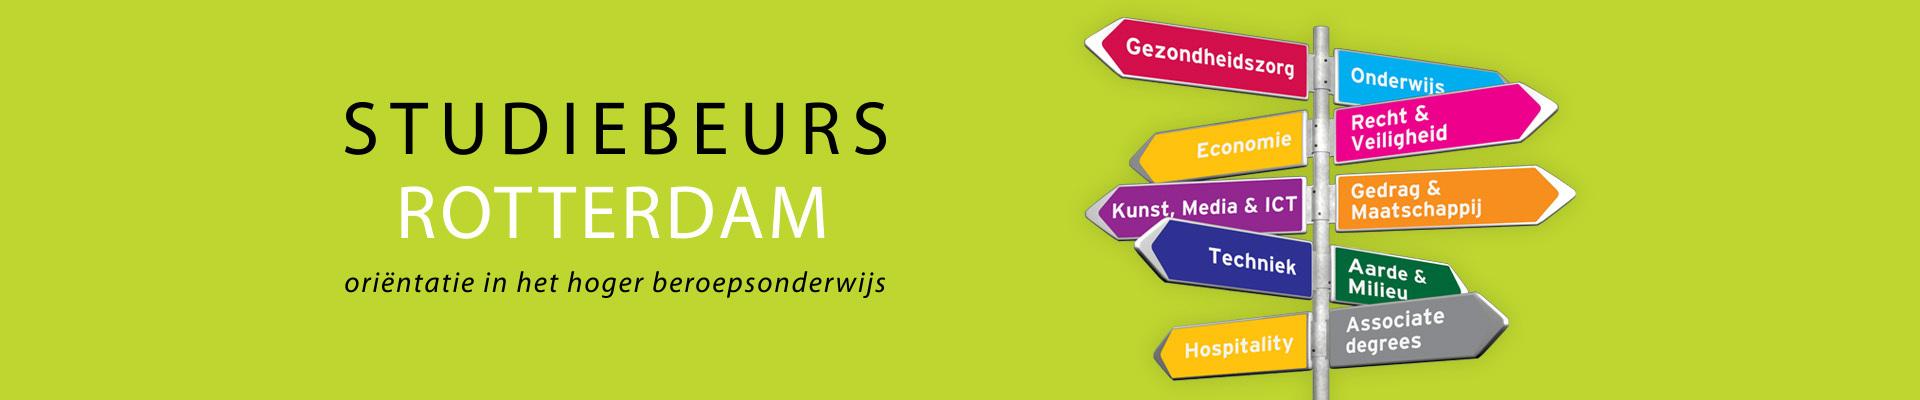 Werken op Studiebeurs Rotterdam